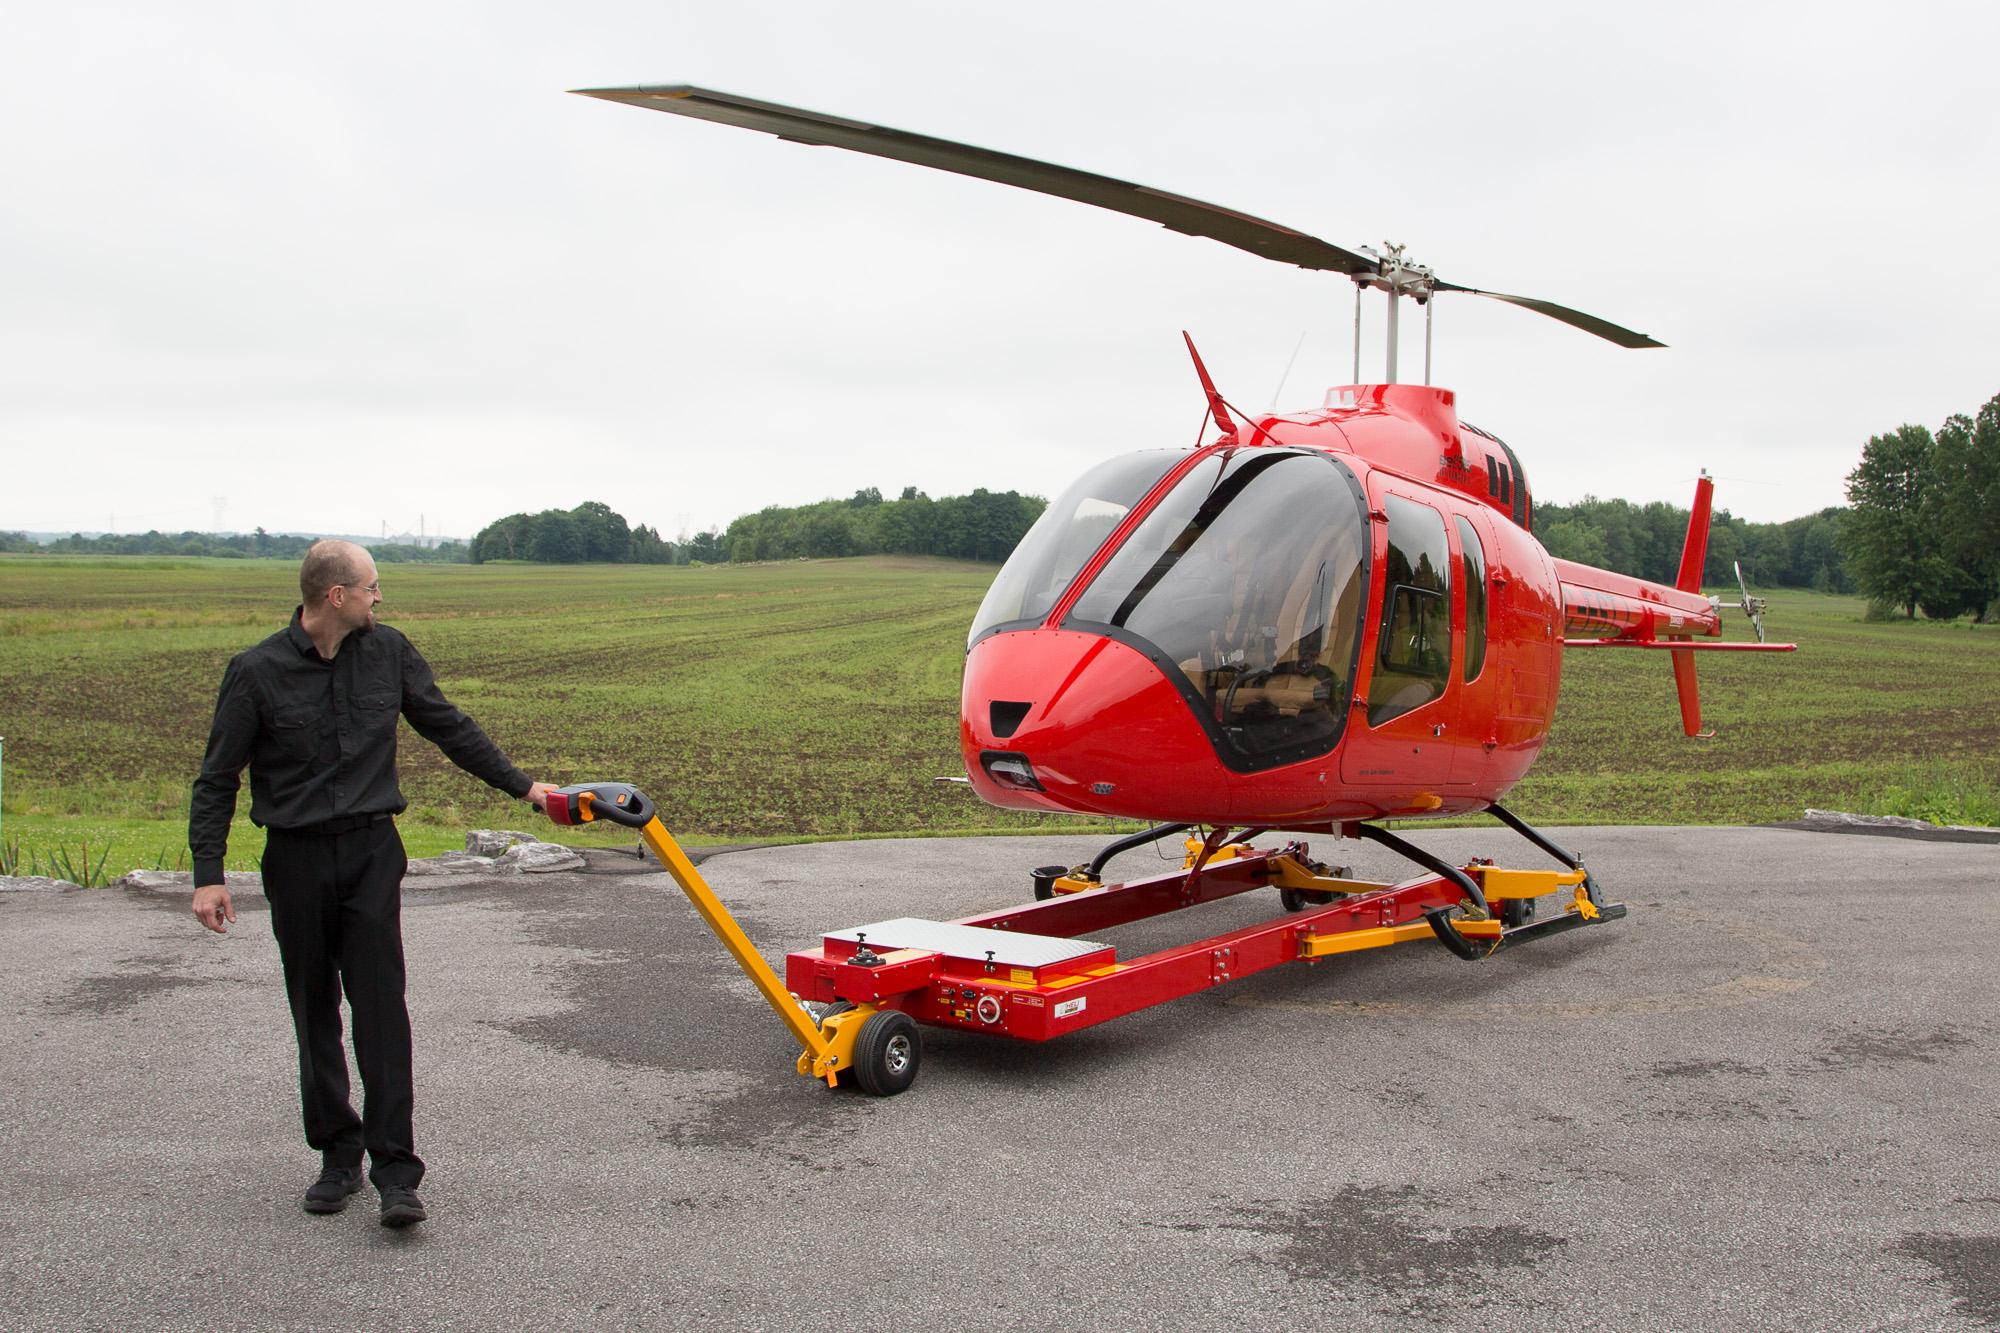 V910 Heli-Carrier with Bell 505 JetRanger X